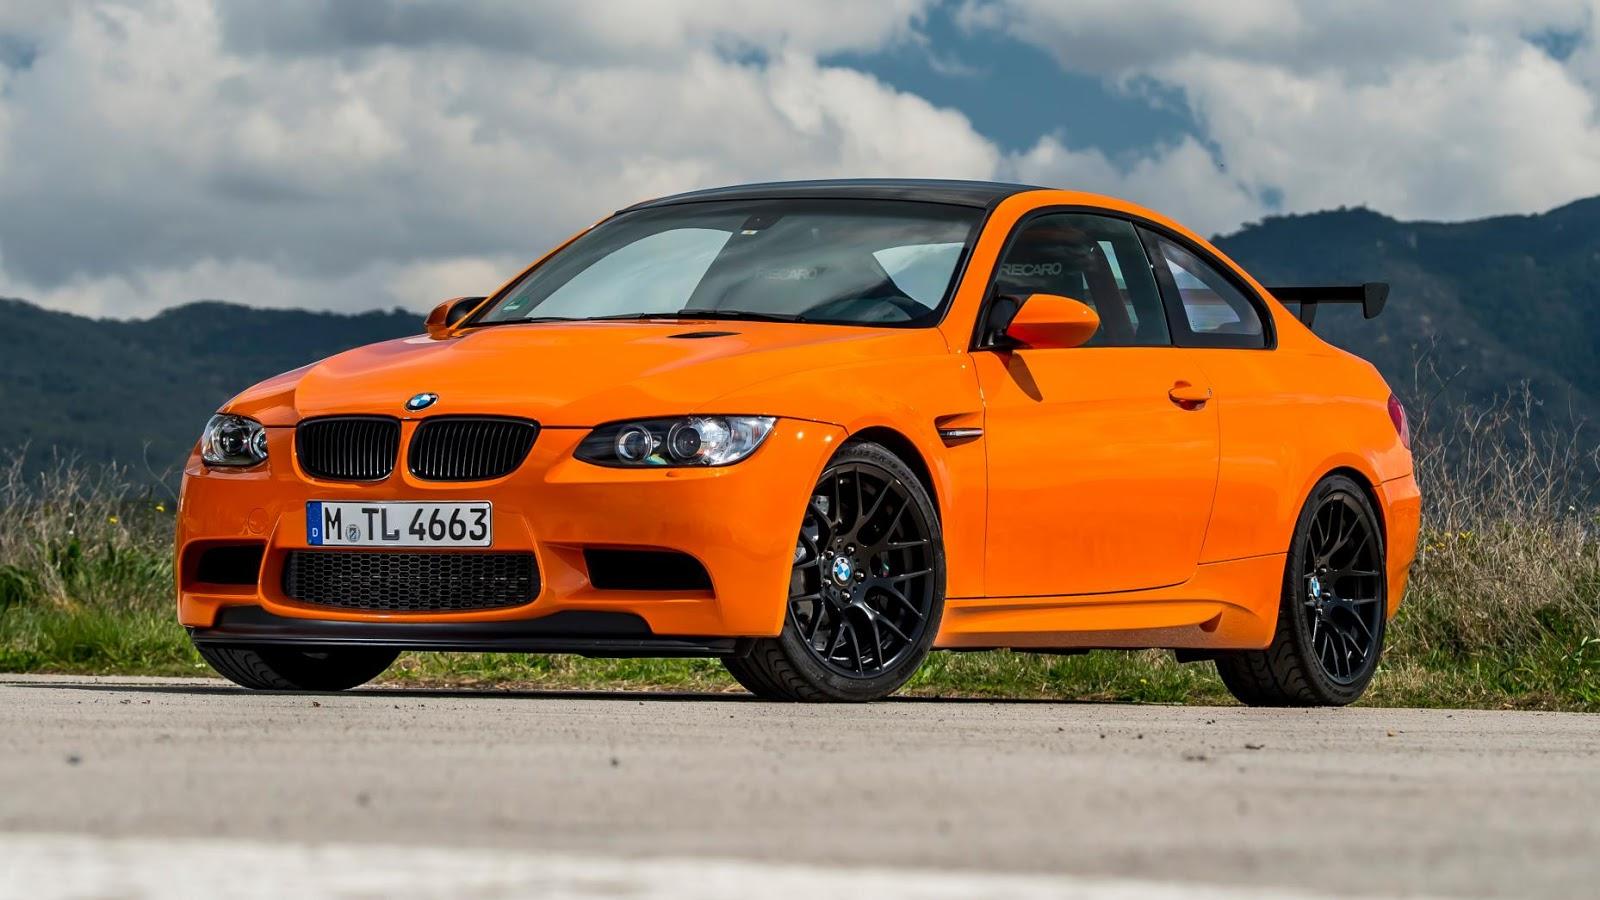 BMW M3 GTS - 2010